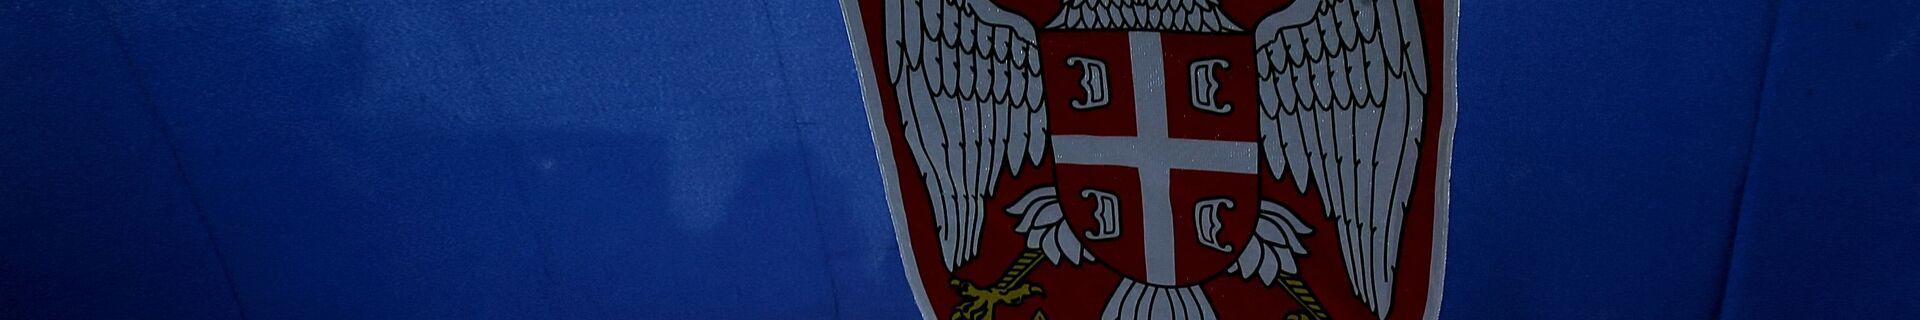 Zastava Srbije - Sputnik Srbija, 1920